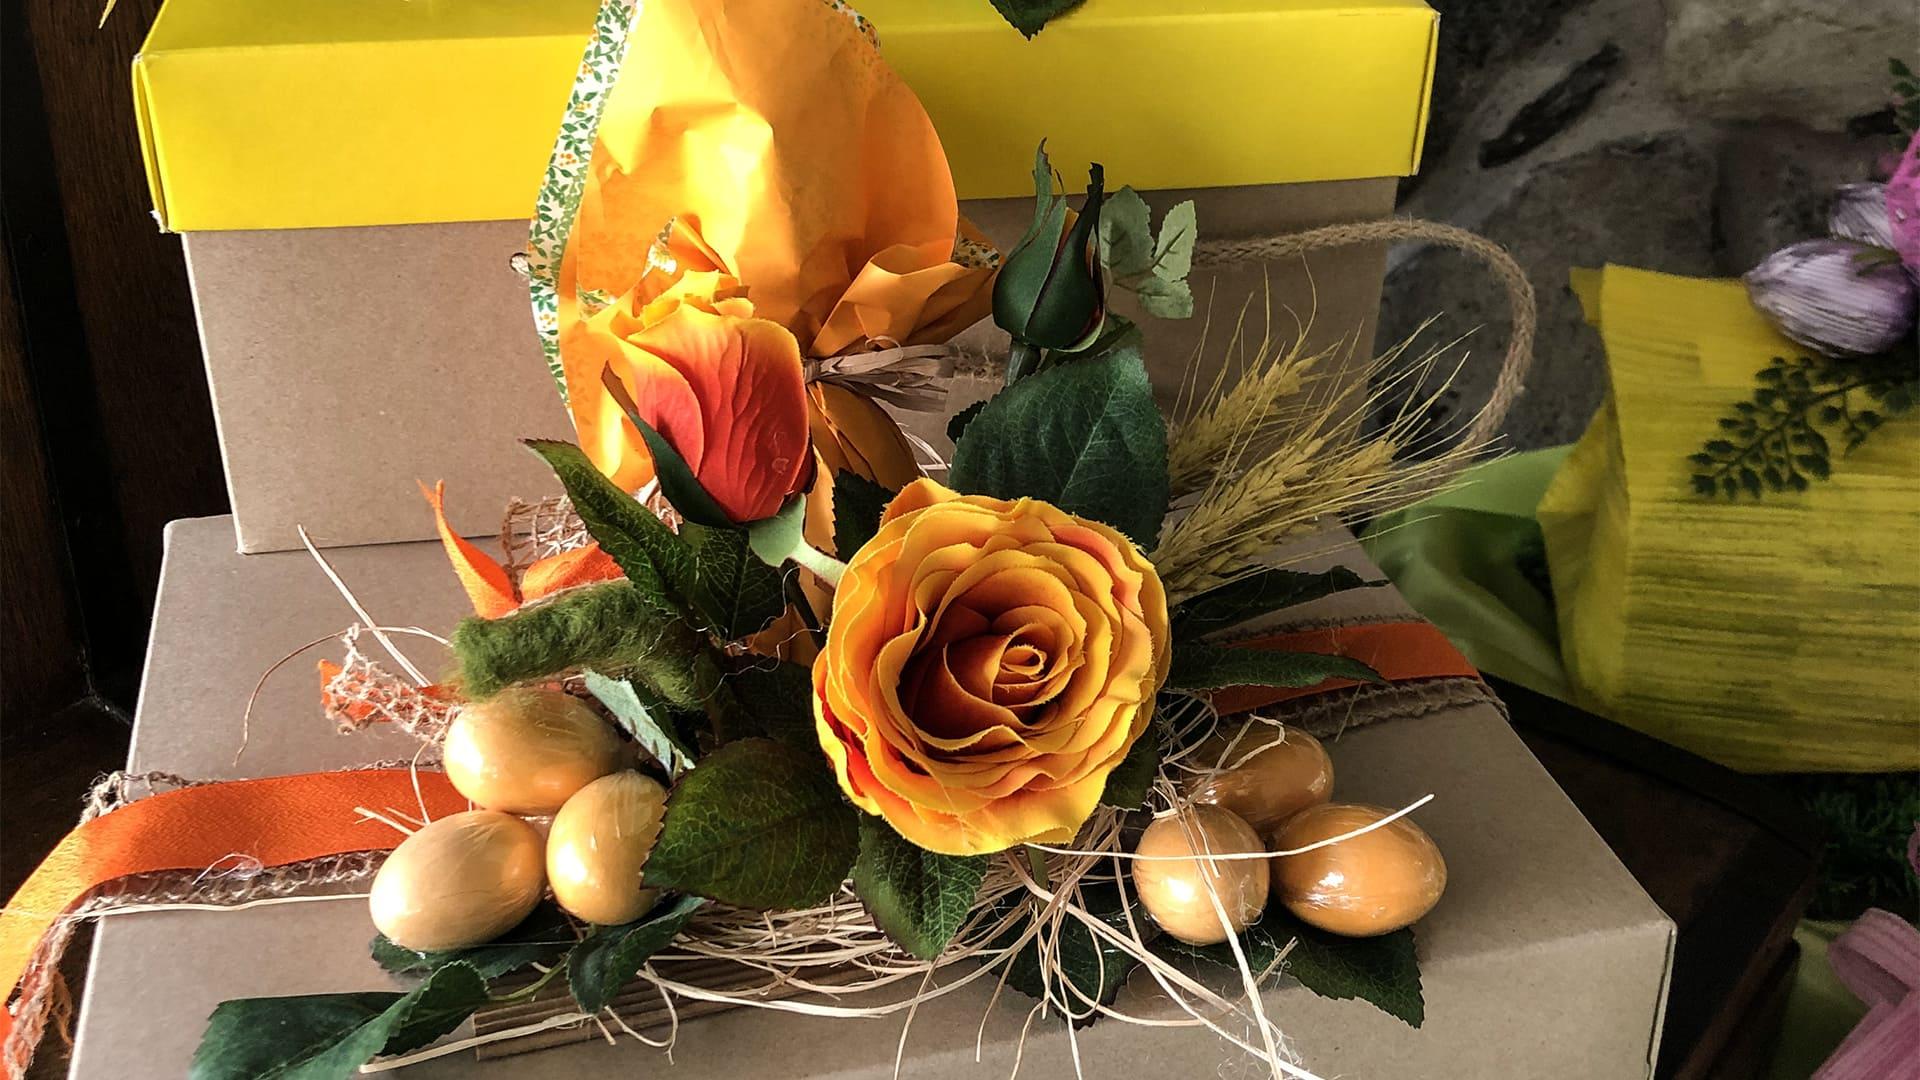 Colomba e uova di Pasqua: scegli i nostri prodotti artigianali!